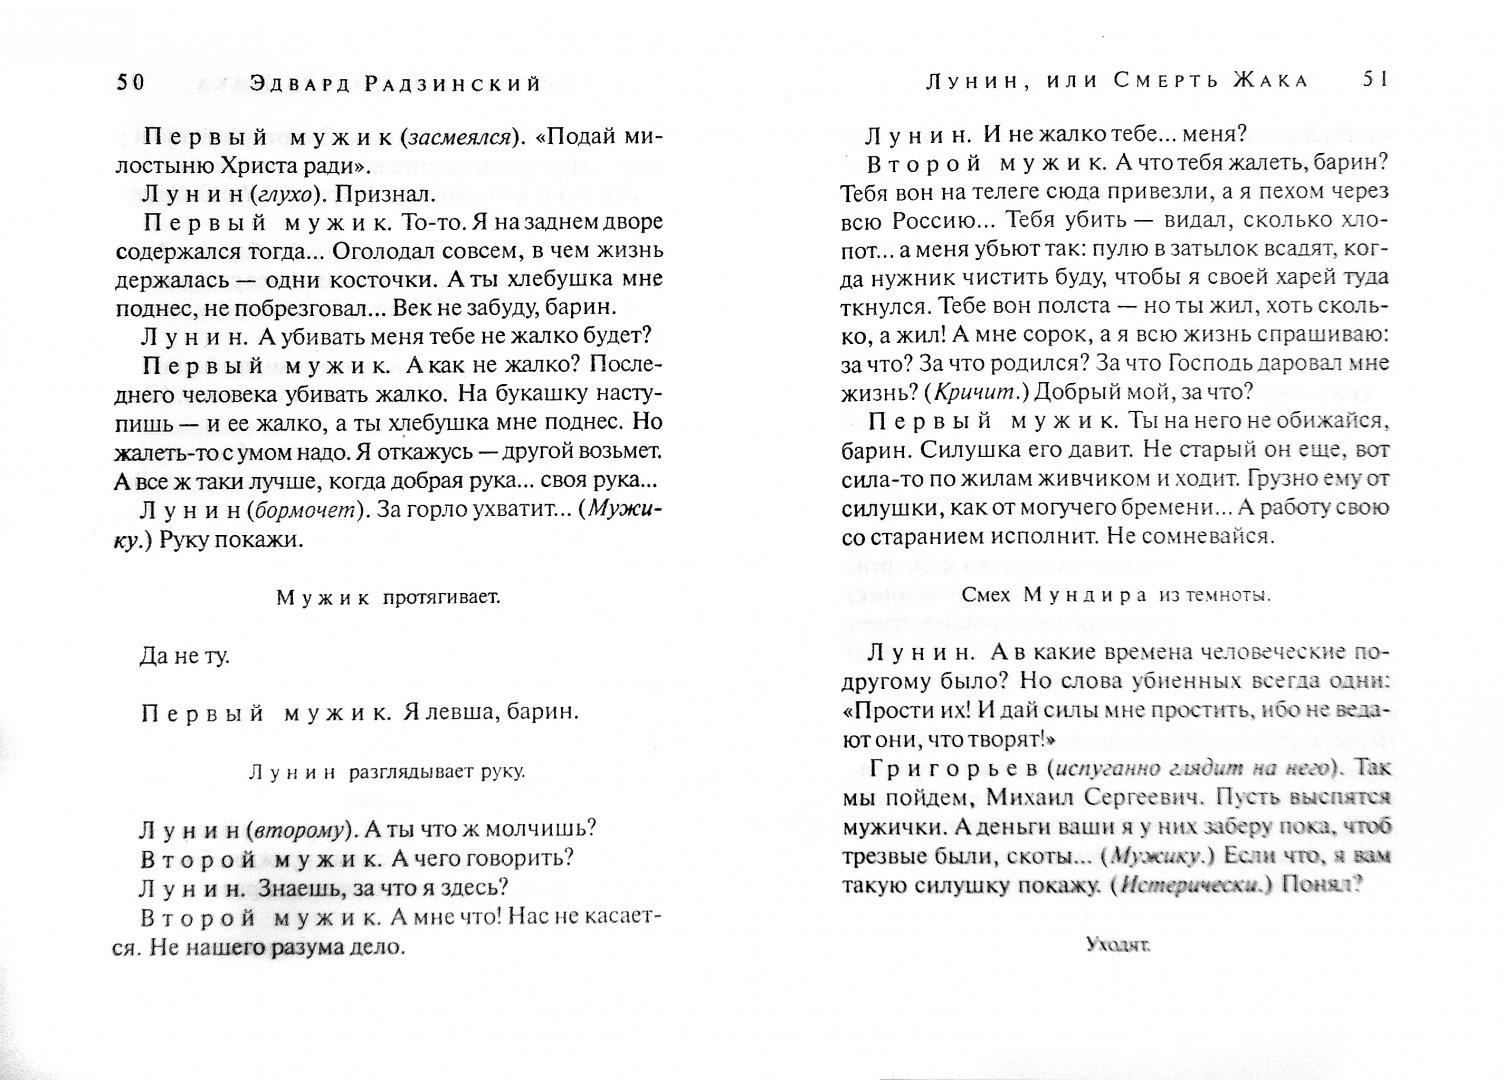 Иллюстрация 1 из 6 для На Руси от ума одно горе - Эдвард Радзинский   Лабиринт - книги. Источник: Лабиринт